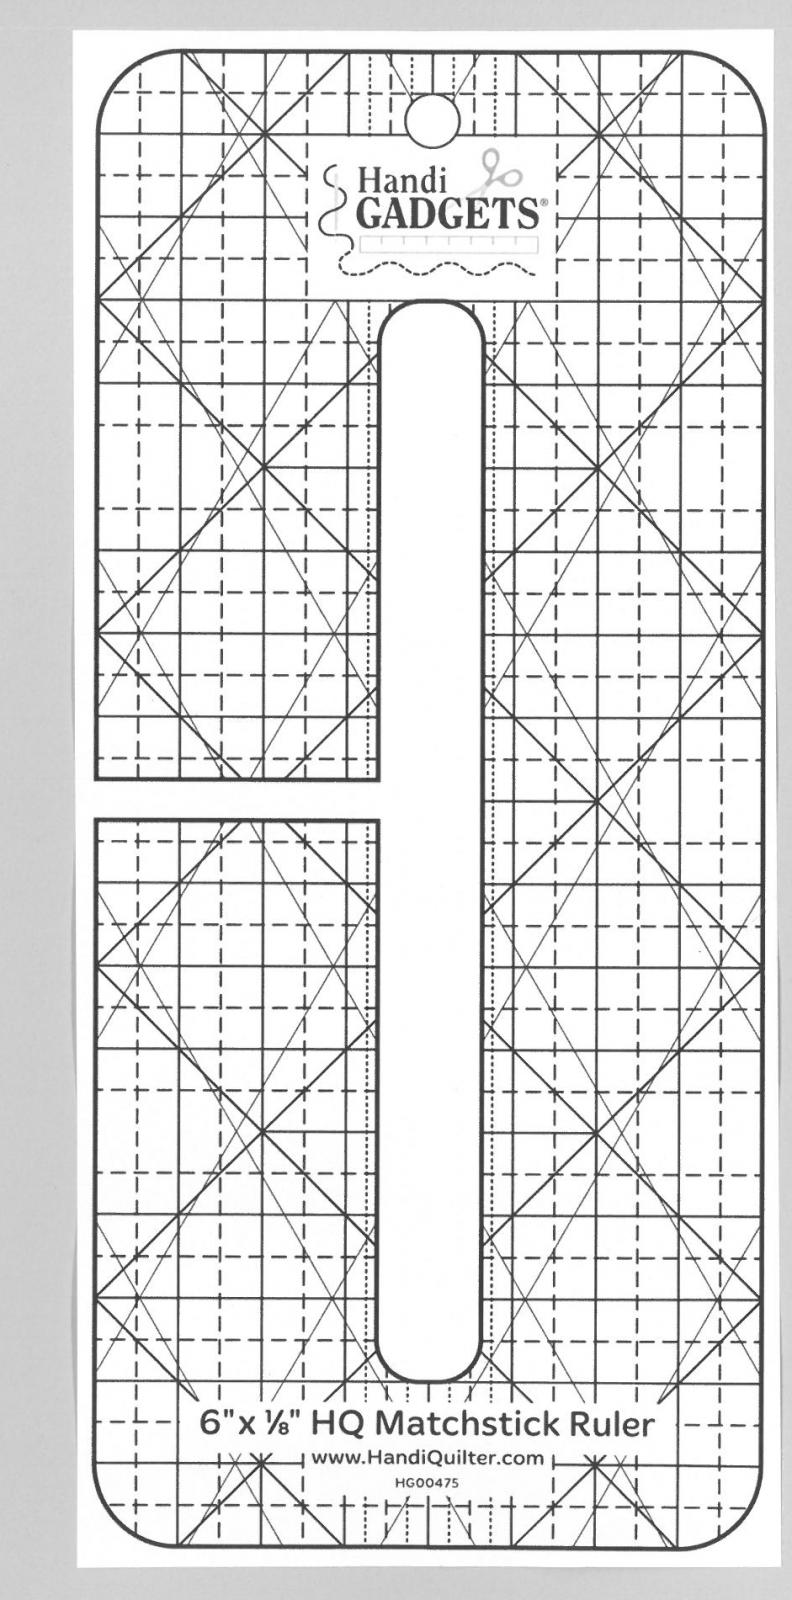 Handi Quilter Ruler Matchstick 1/8